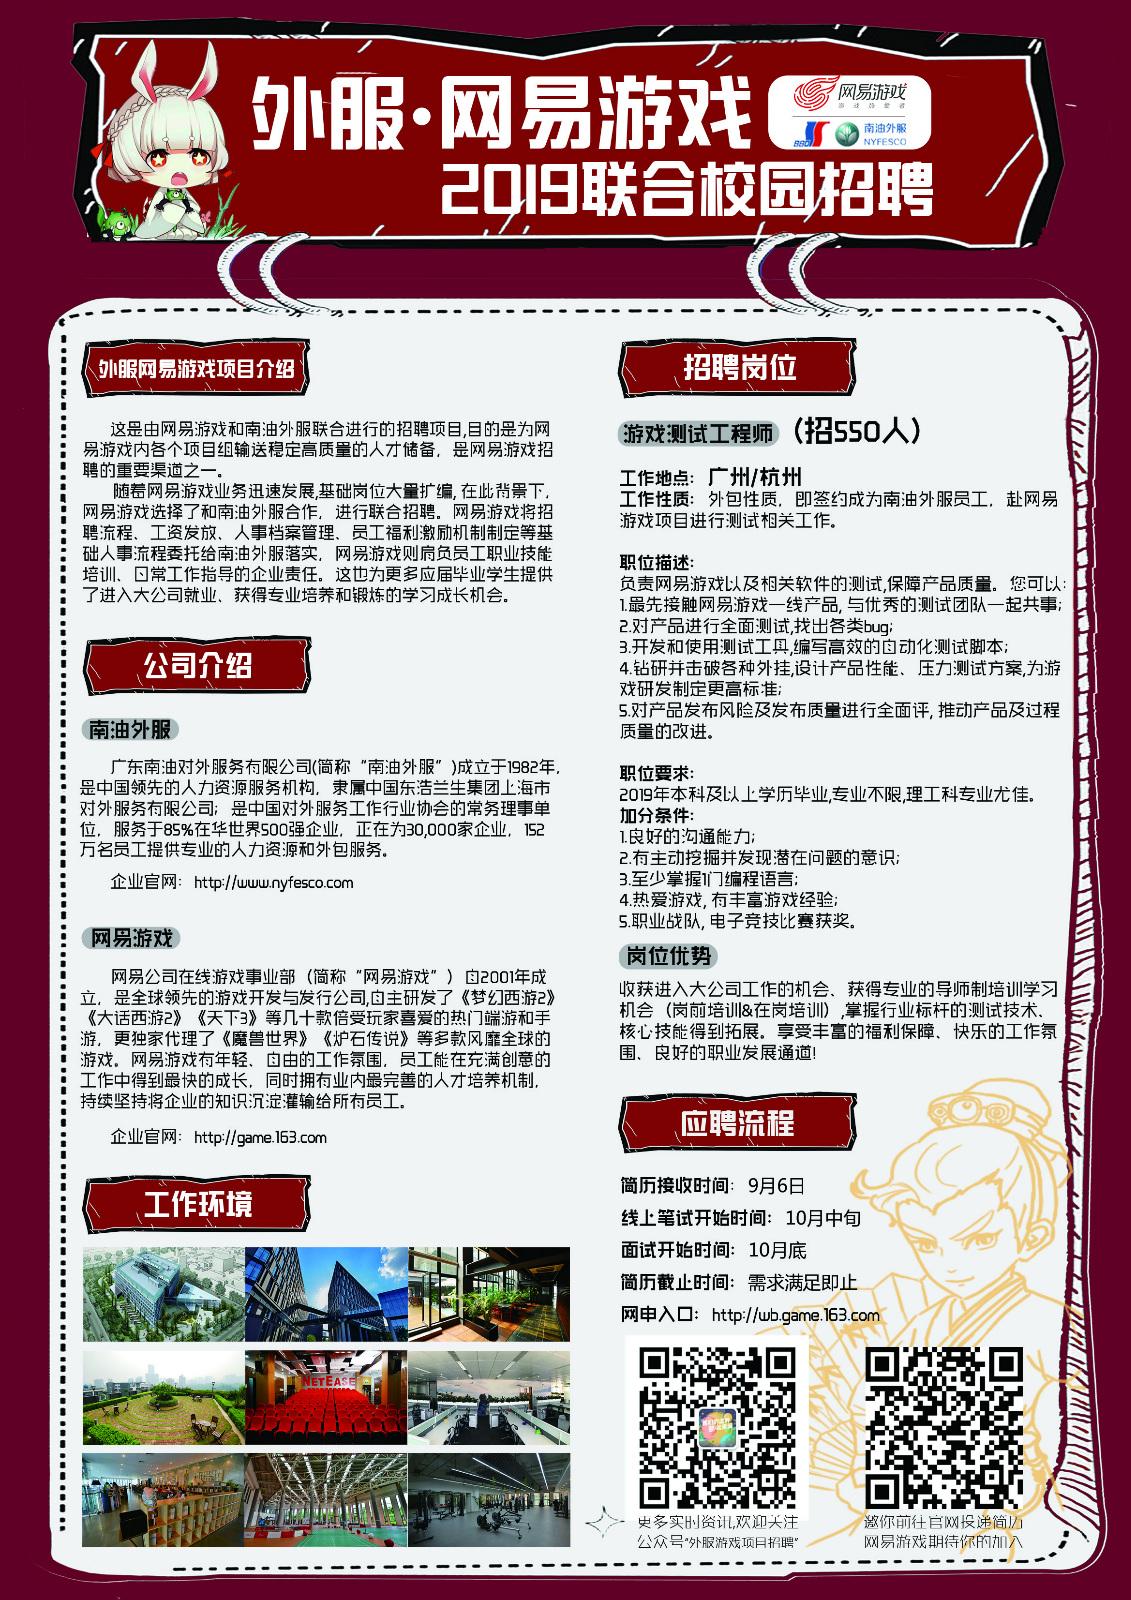 广东南油对外服务有限公司宣讲会